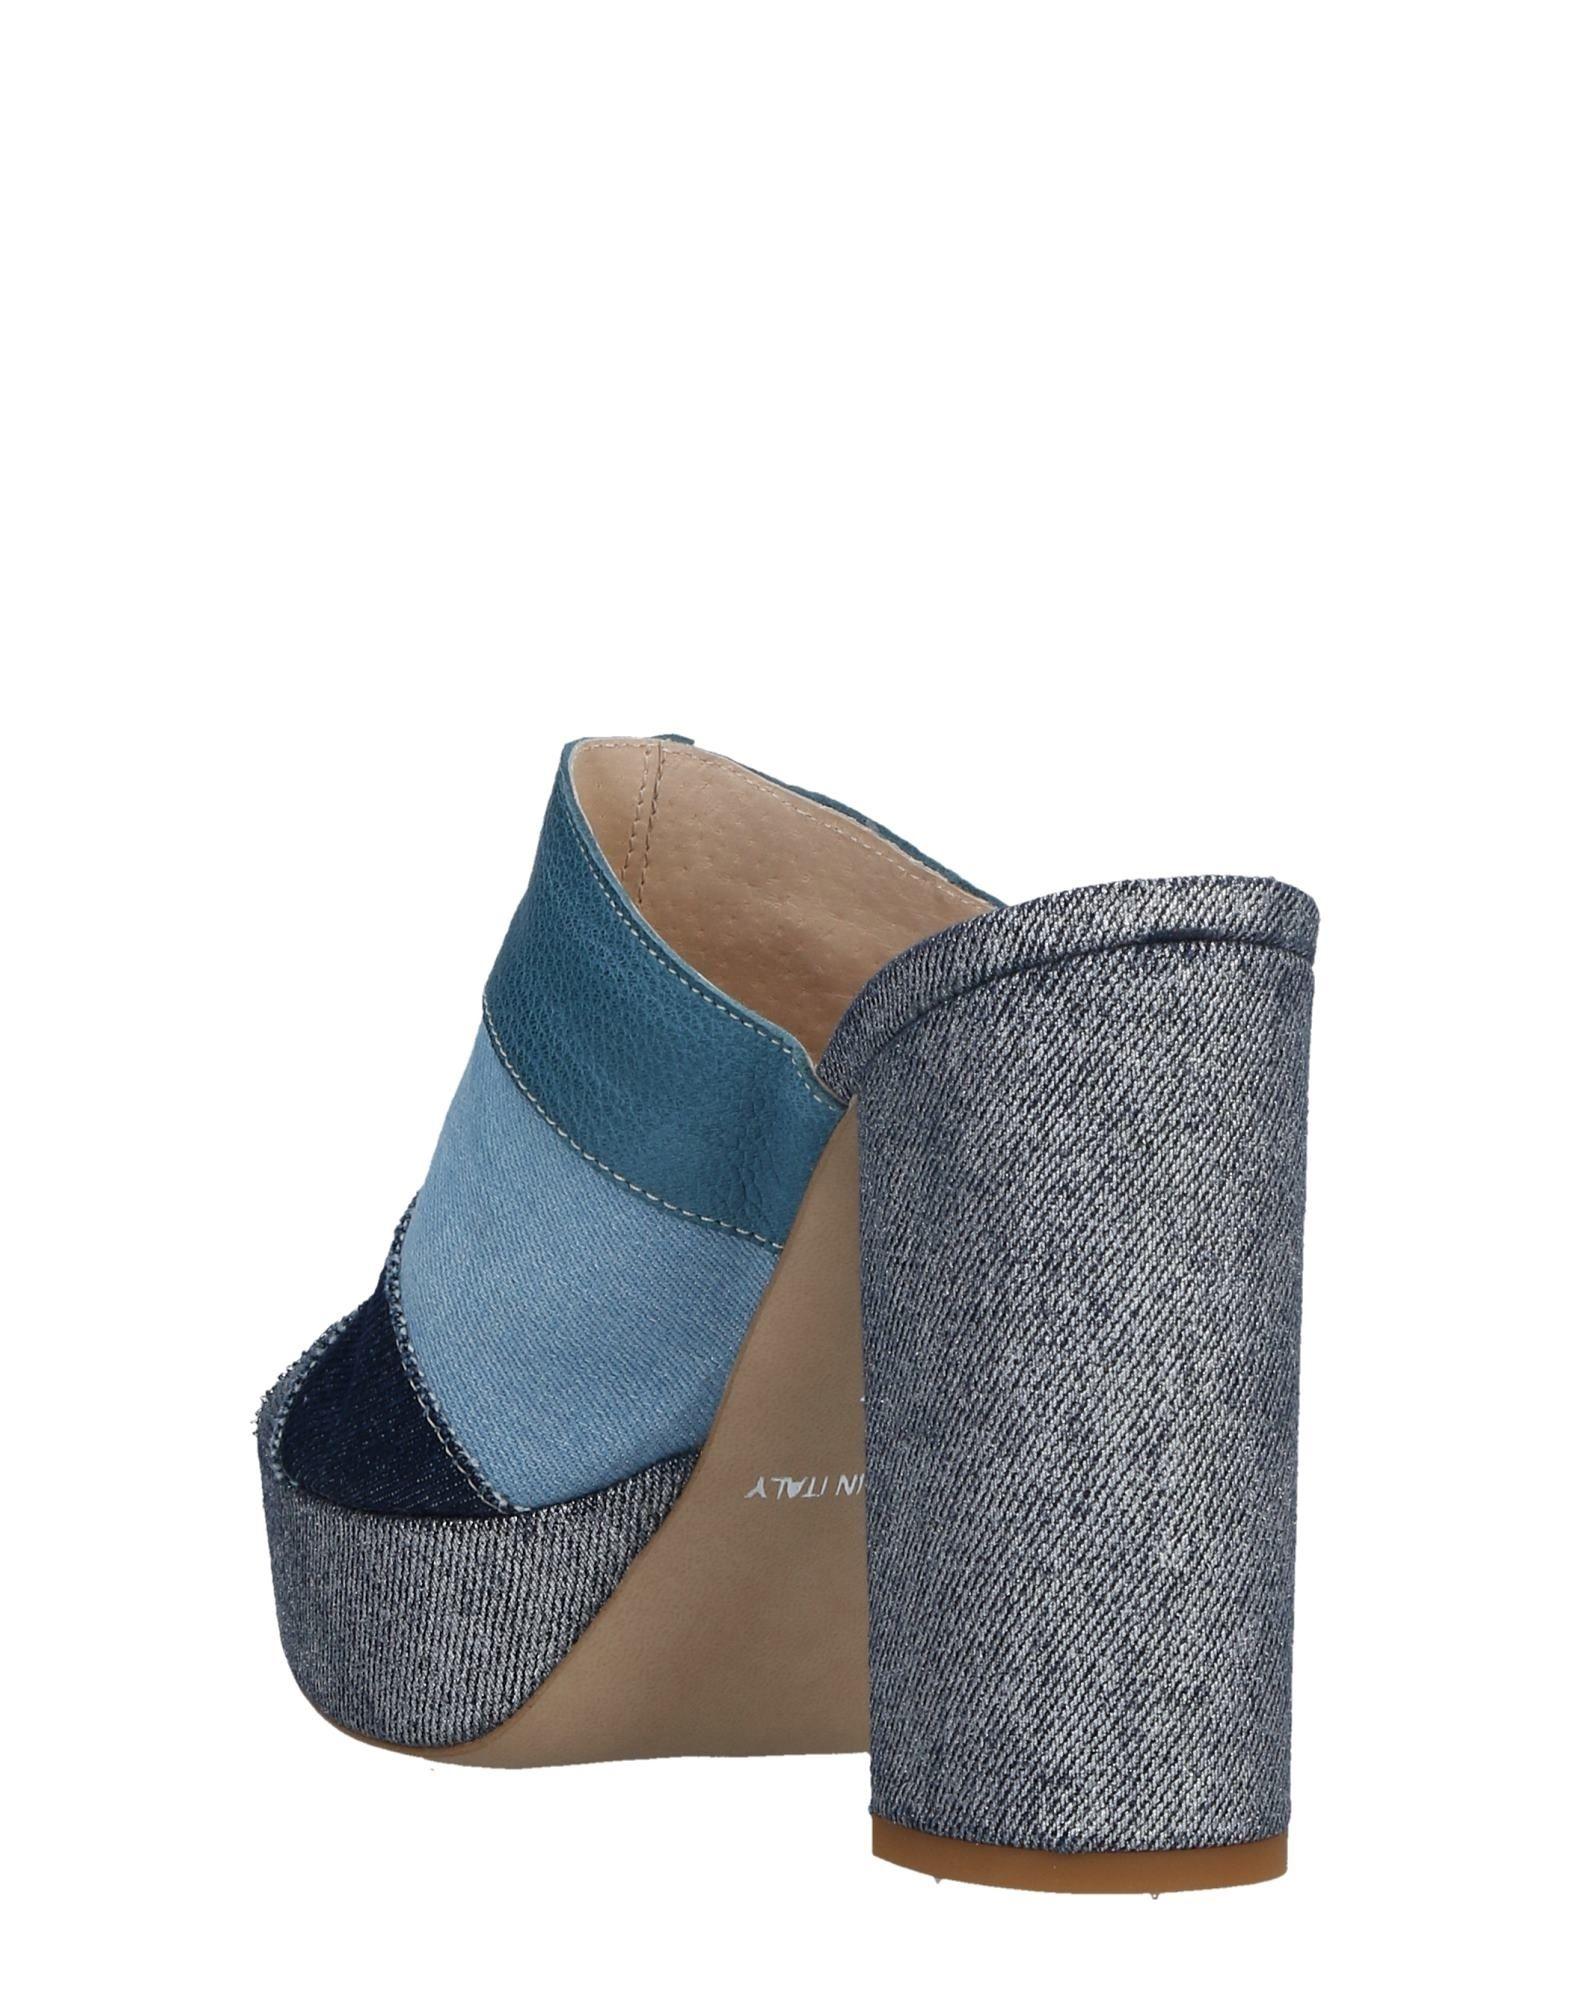 Divine 11512147RN Follie Sandalen Damen  11512147RN Divine Gute Qualität beliebte Schuhe 8ce244